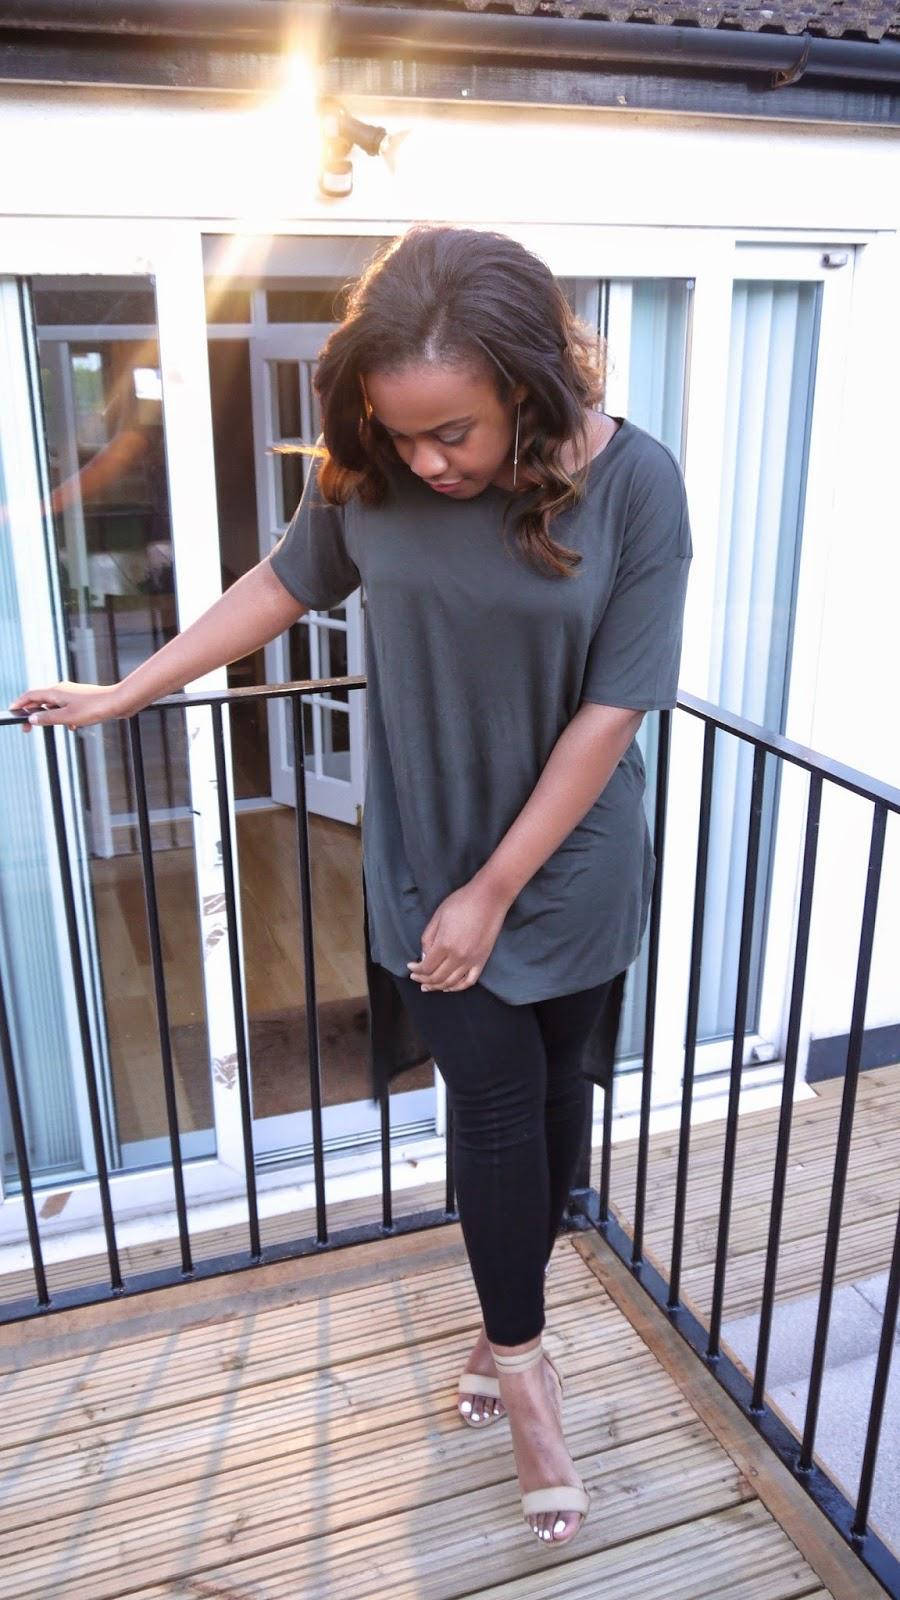 hm long khaki t-shirt hm leggings forever 21 kim kardashian nude barely there heels